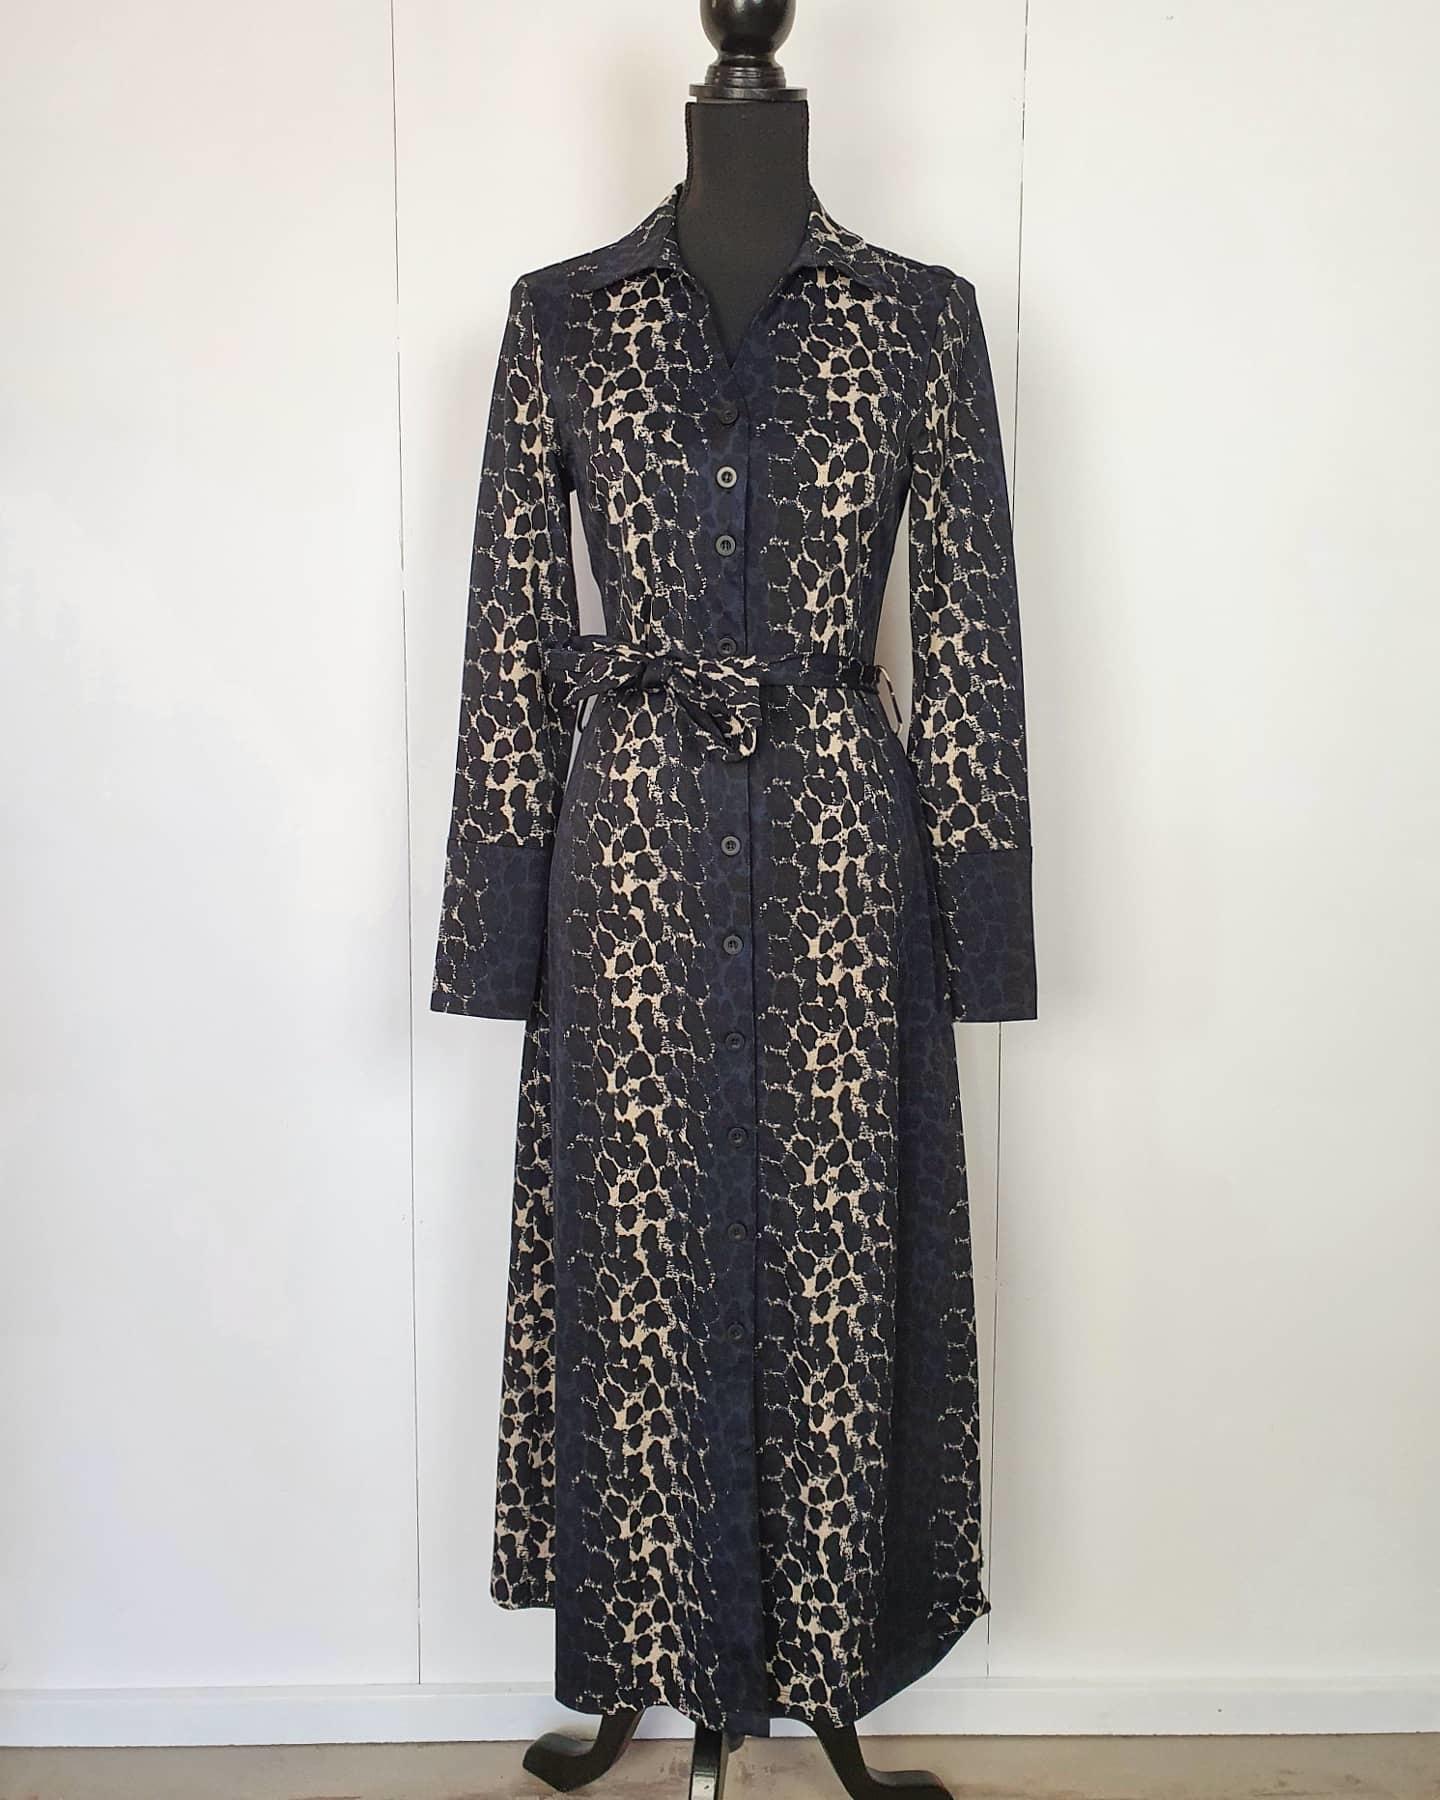 My Pashion My Pashion jurk Dantionea leopard beige blue black